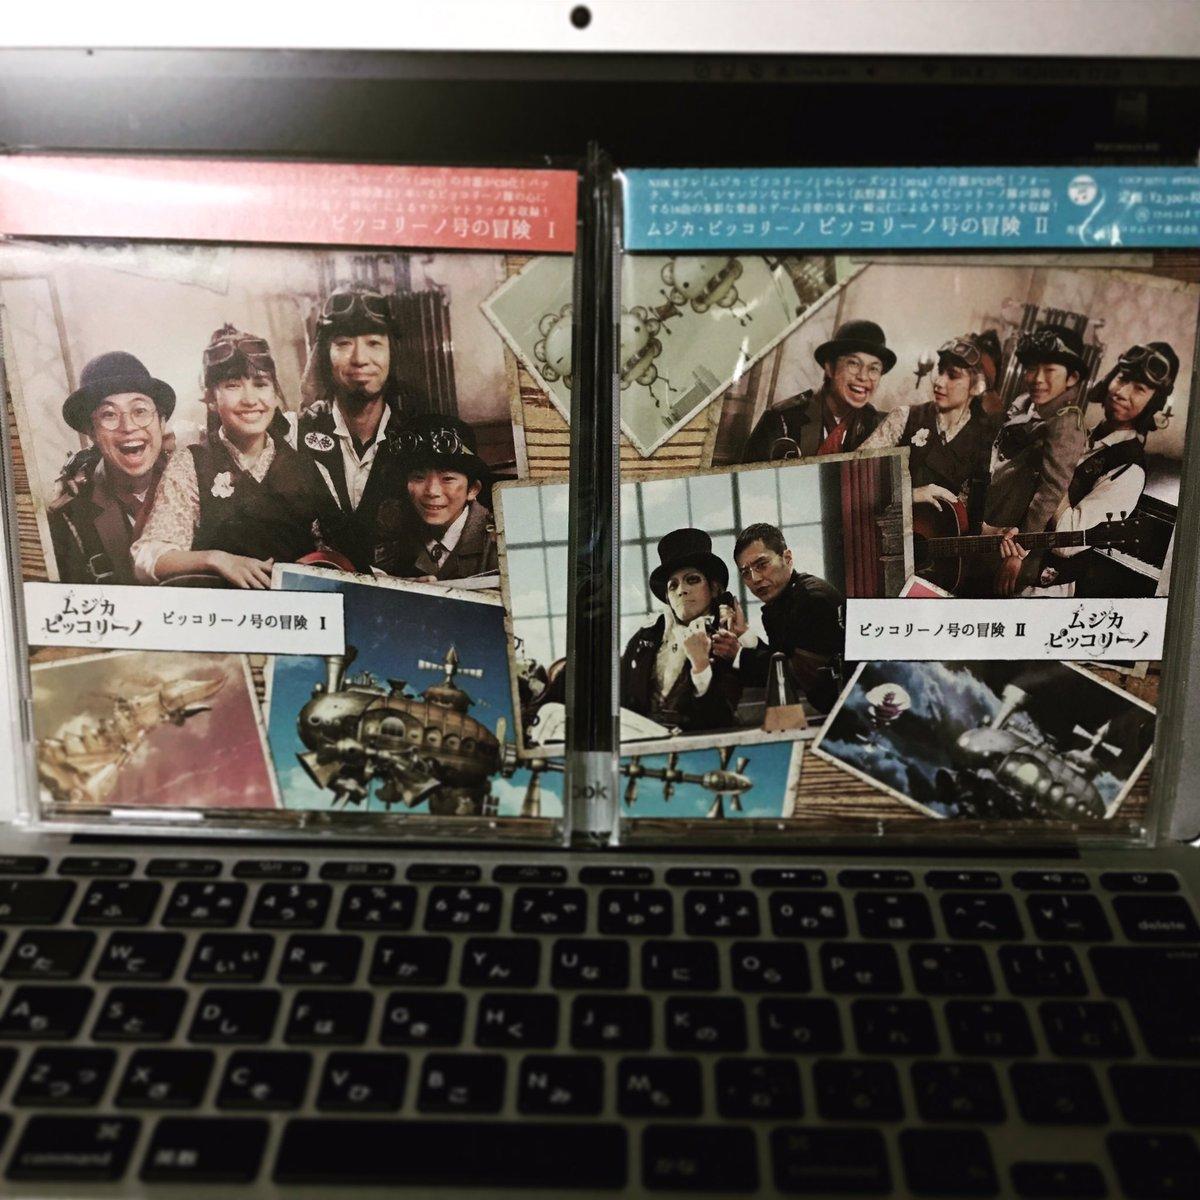 「ムジカ・ピッコリーノ ピッコリーノ号の冒険 I&II」が発売しました! 1と2を並べてみたり、帯の表裏をみて読んでフォッ!?っとなったりしてもよいかもしれません。(私はフォッ!?っとしまくりました(笑)) マルコポーロッ! https://t.co/E4tKAI7vqe